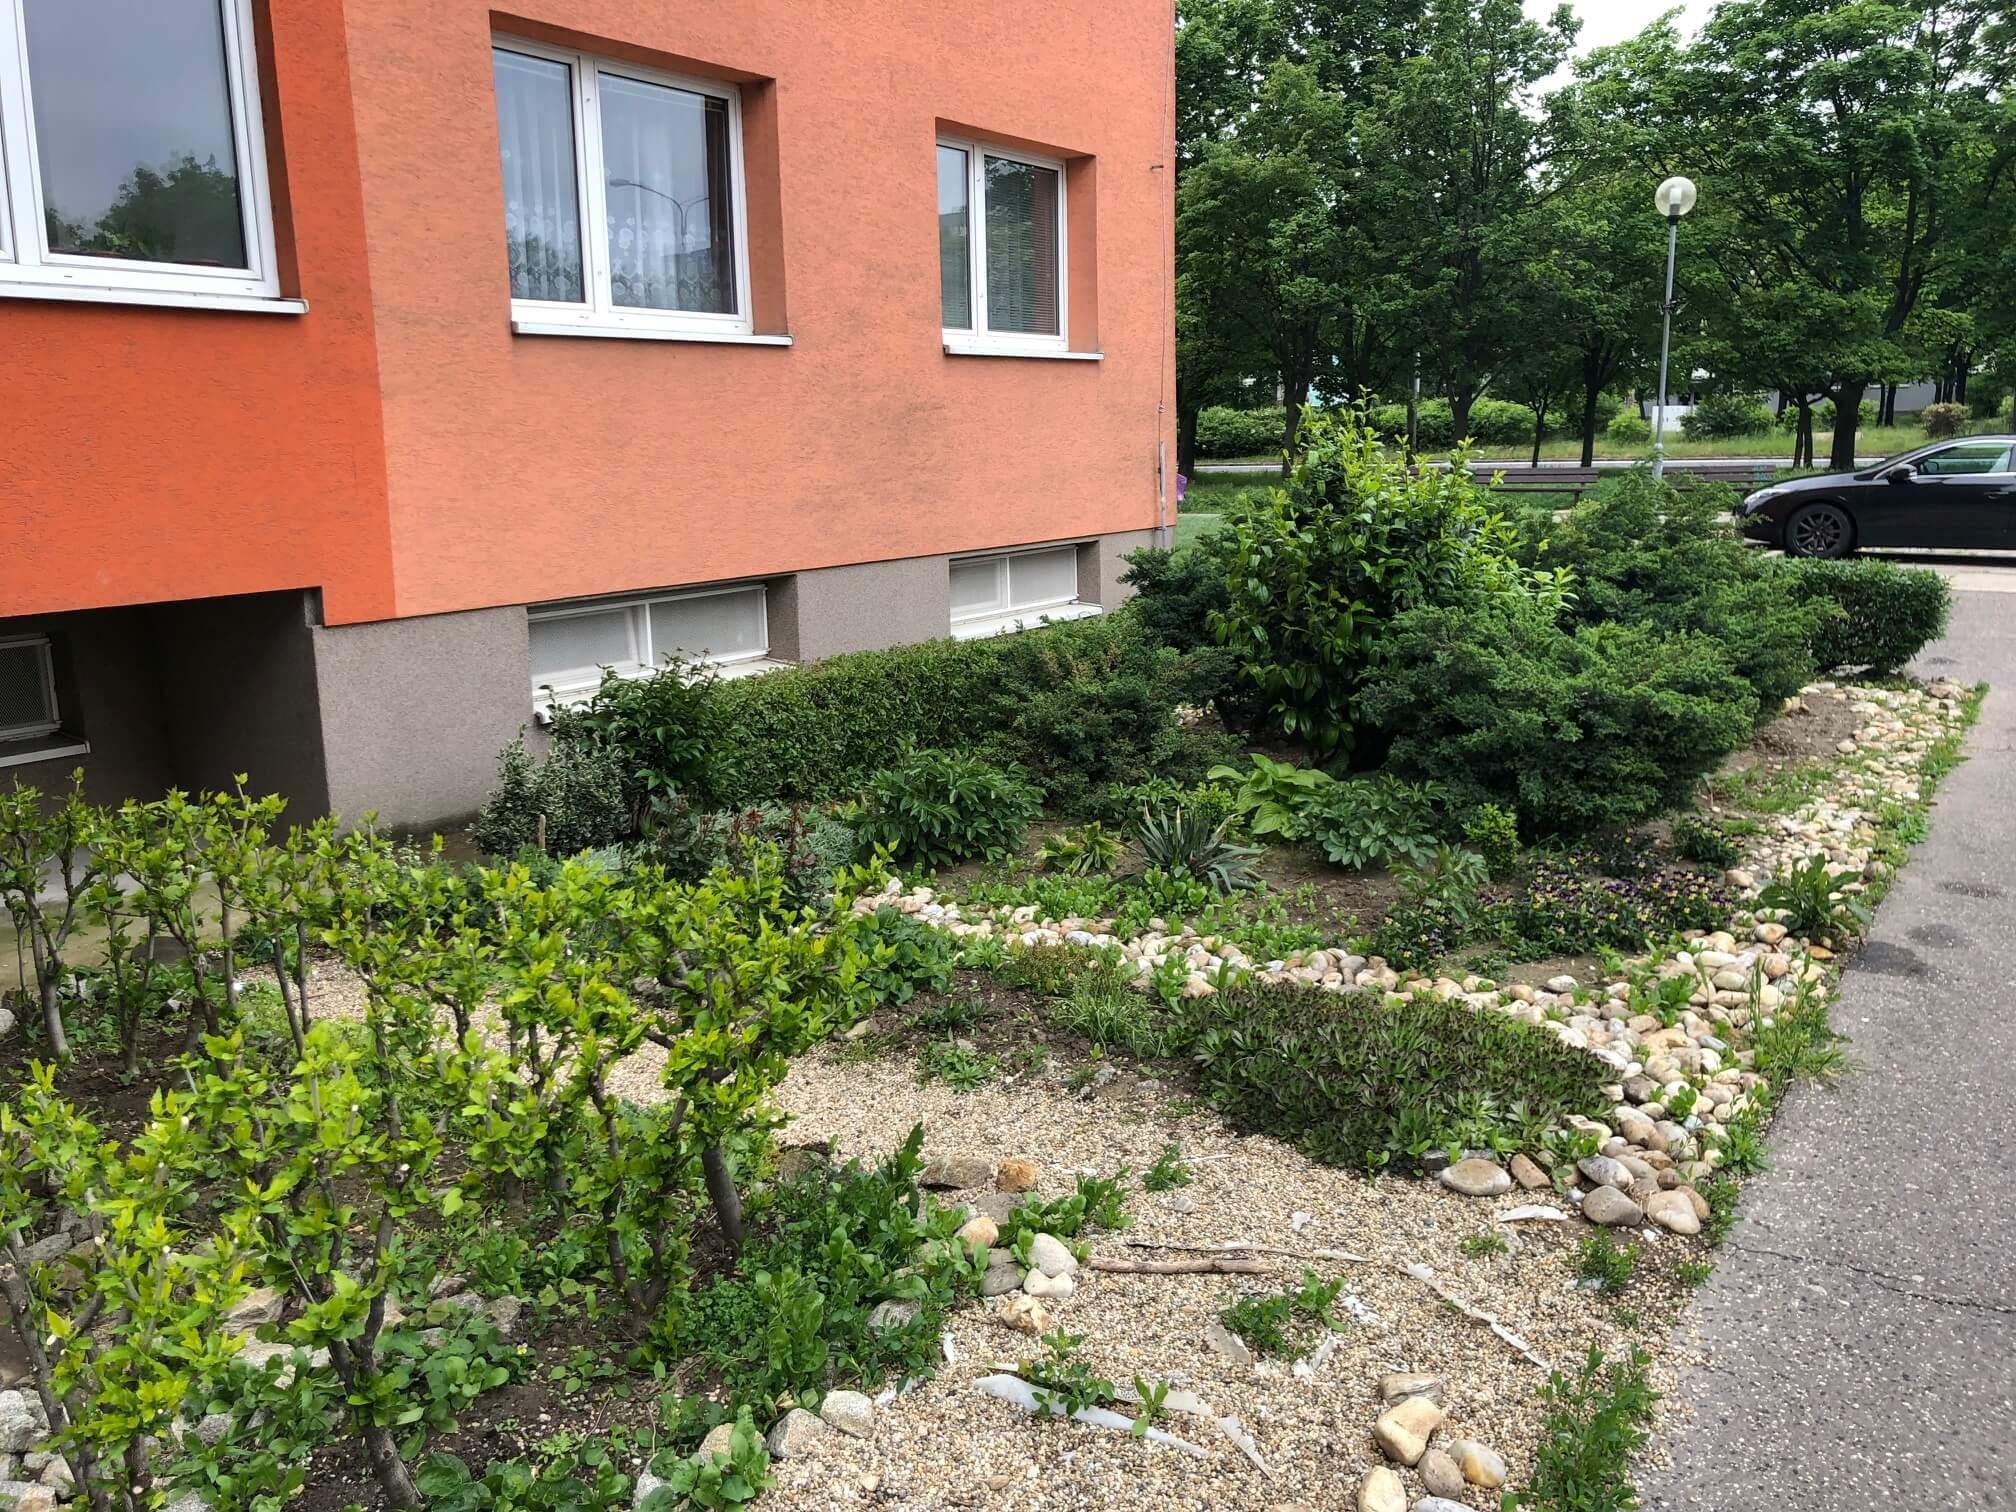 Predaný: 1 izbový byt, Ipeľská, Bratislava, 38m2, nízke náklady, parkovanie, vynikajúca občianska vybavenosť-23